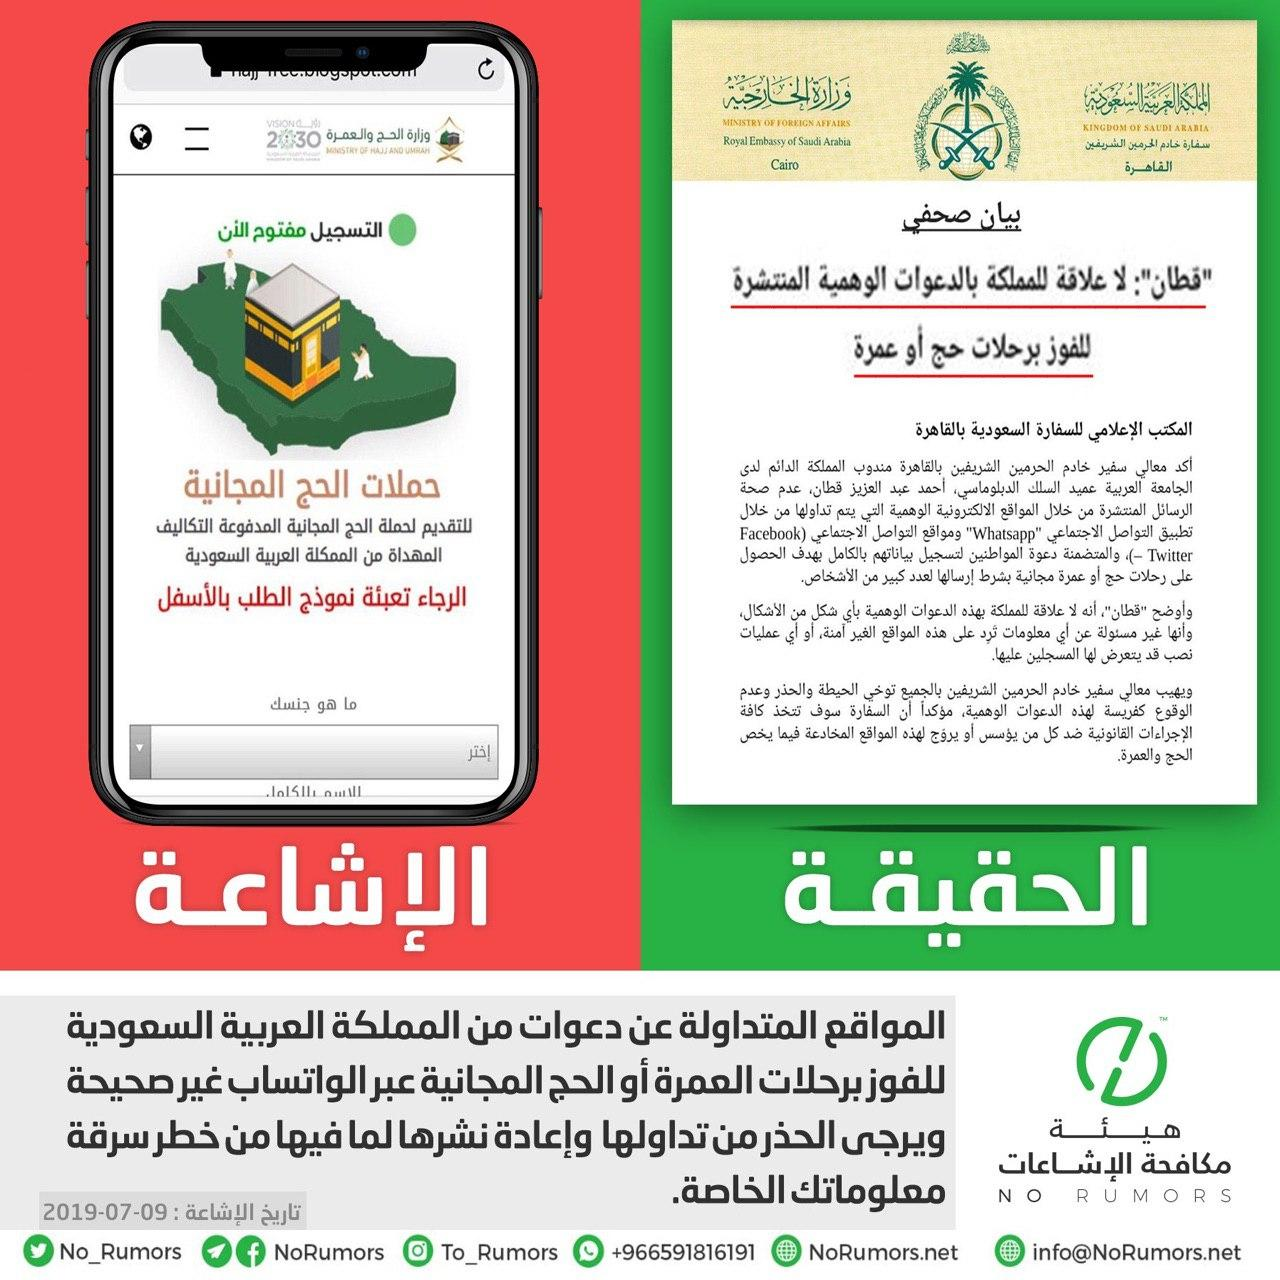 حقيقة رسائل الفوز برحلات العمرة أو الحج المجانية عبر الواتساب